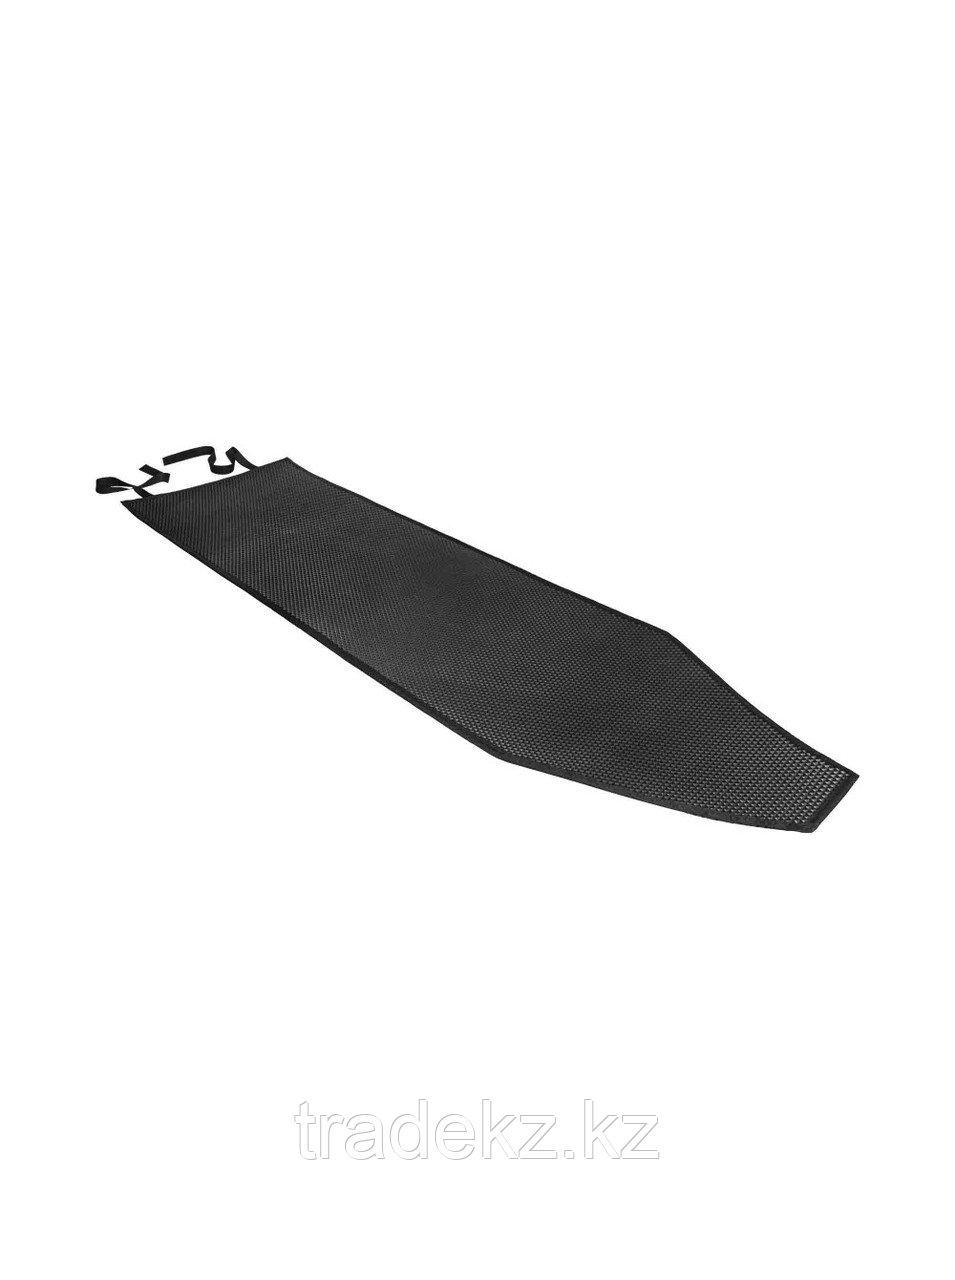 Коврик ЭВА EVA Proff по форме дна для лодки ТАЙМЕНЬ 3600 НДНД (LX 3600 НДНД)